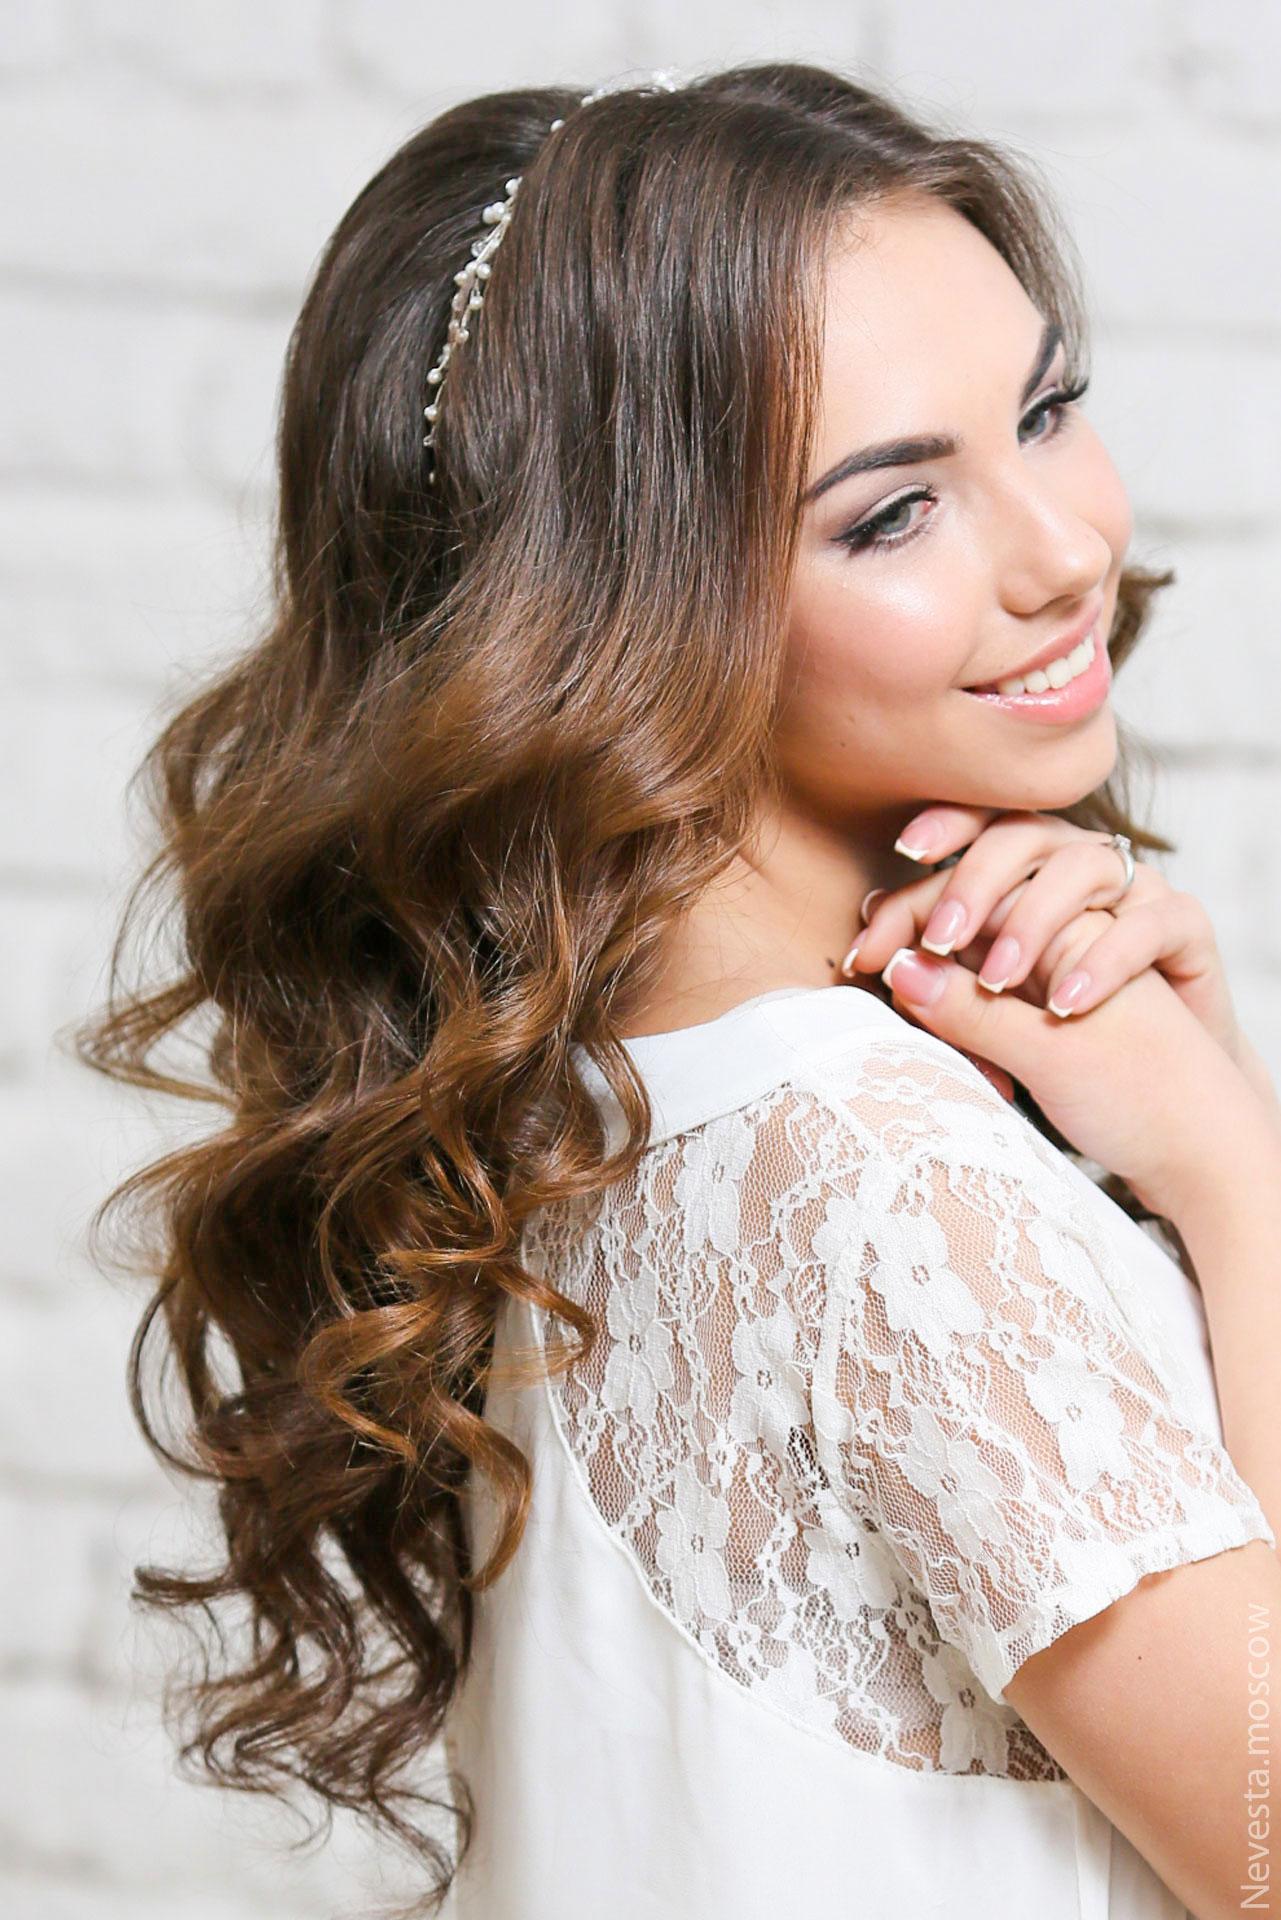 макияж невесты фото 2